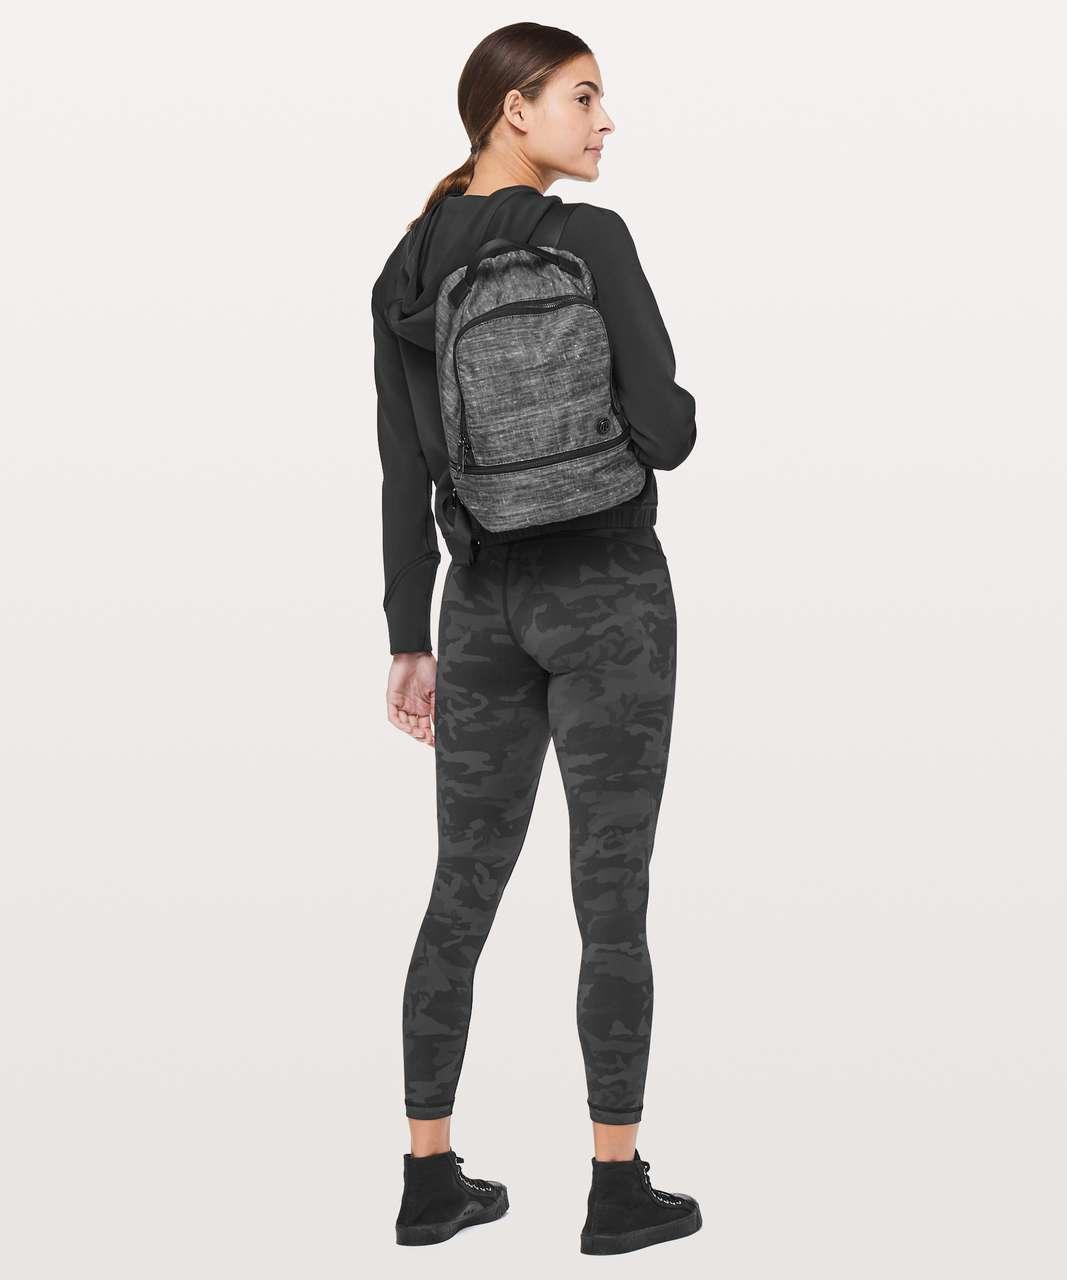 Lululemon City Adventurer Backpack Mini II *10L - Etched / Black